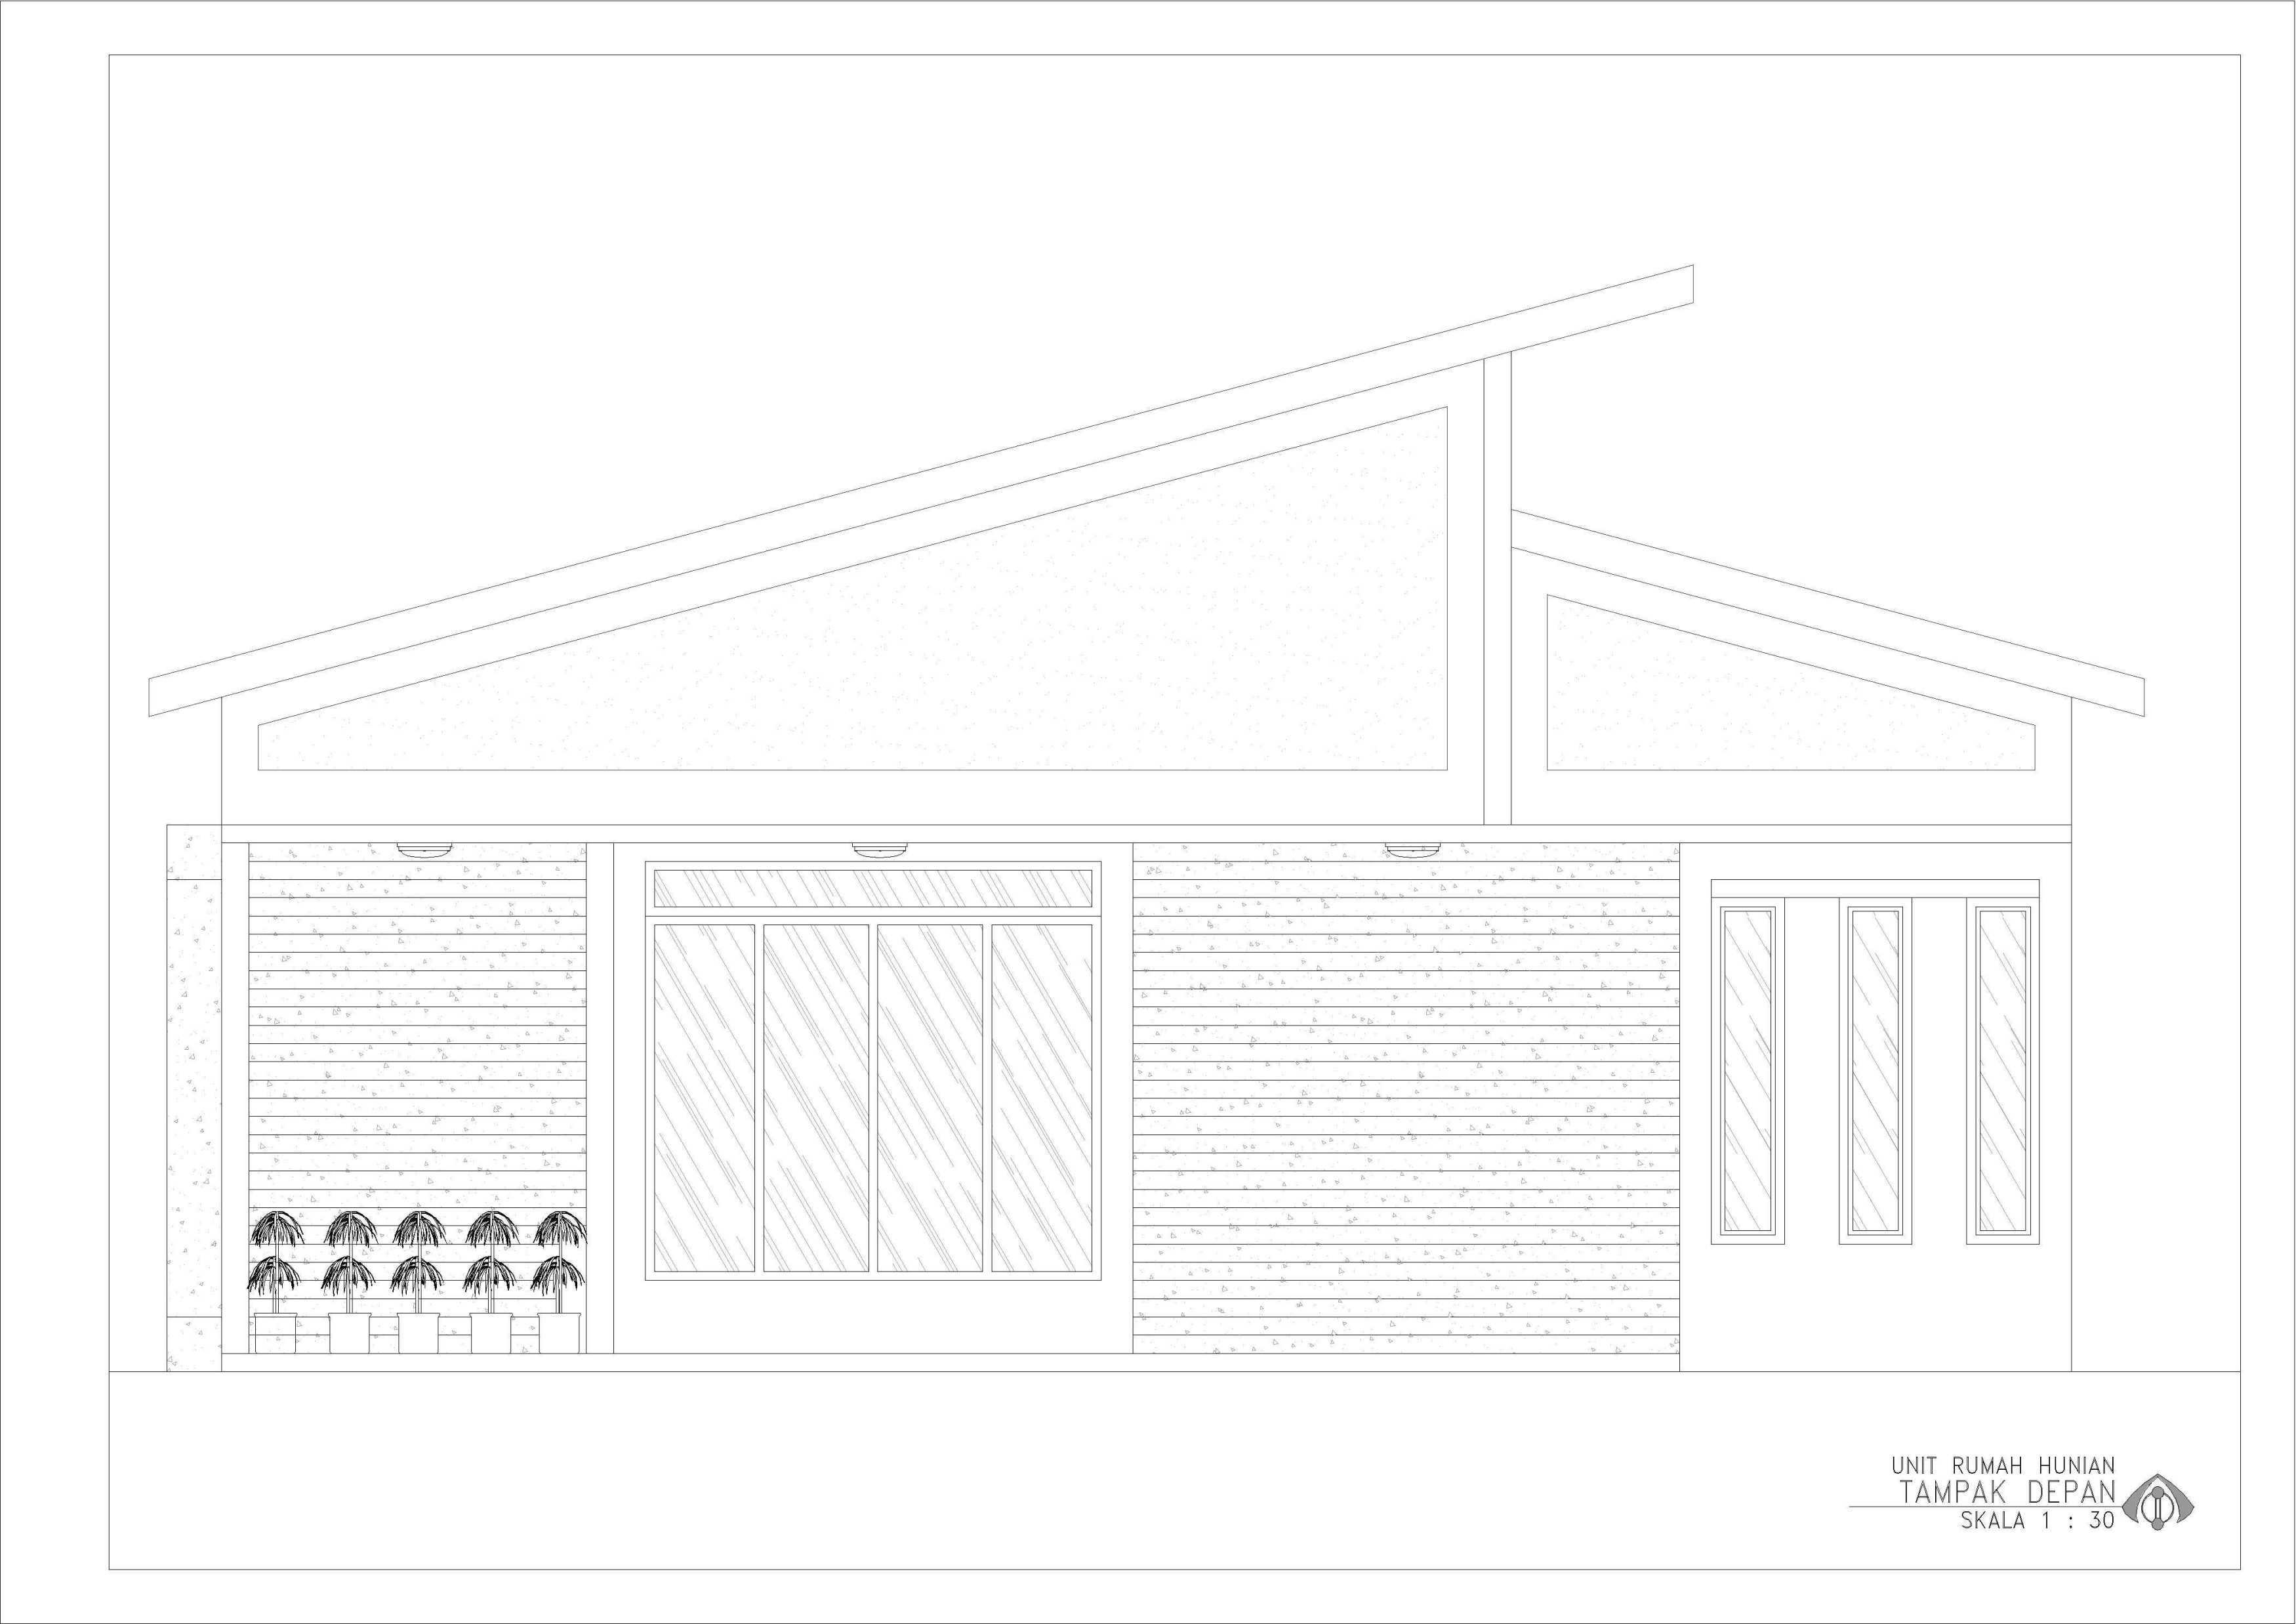 Ansitama Architecture Studio Rumah Hunian Bapak Hijri Jambi, Kota Jambi, Jambi, Indonesia Jambi, Kota Jambi, Jambi, Indonesia Ansitama-Architetcture-Studio-Rumah-Hunian-Bapak-Hijri   56256